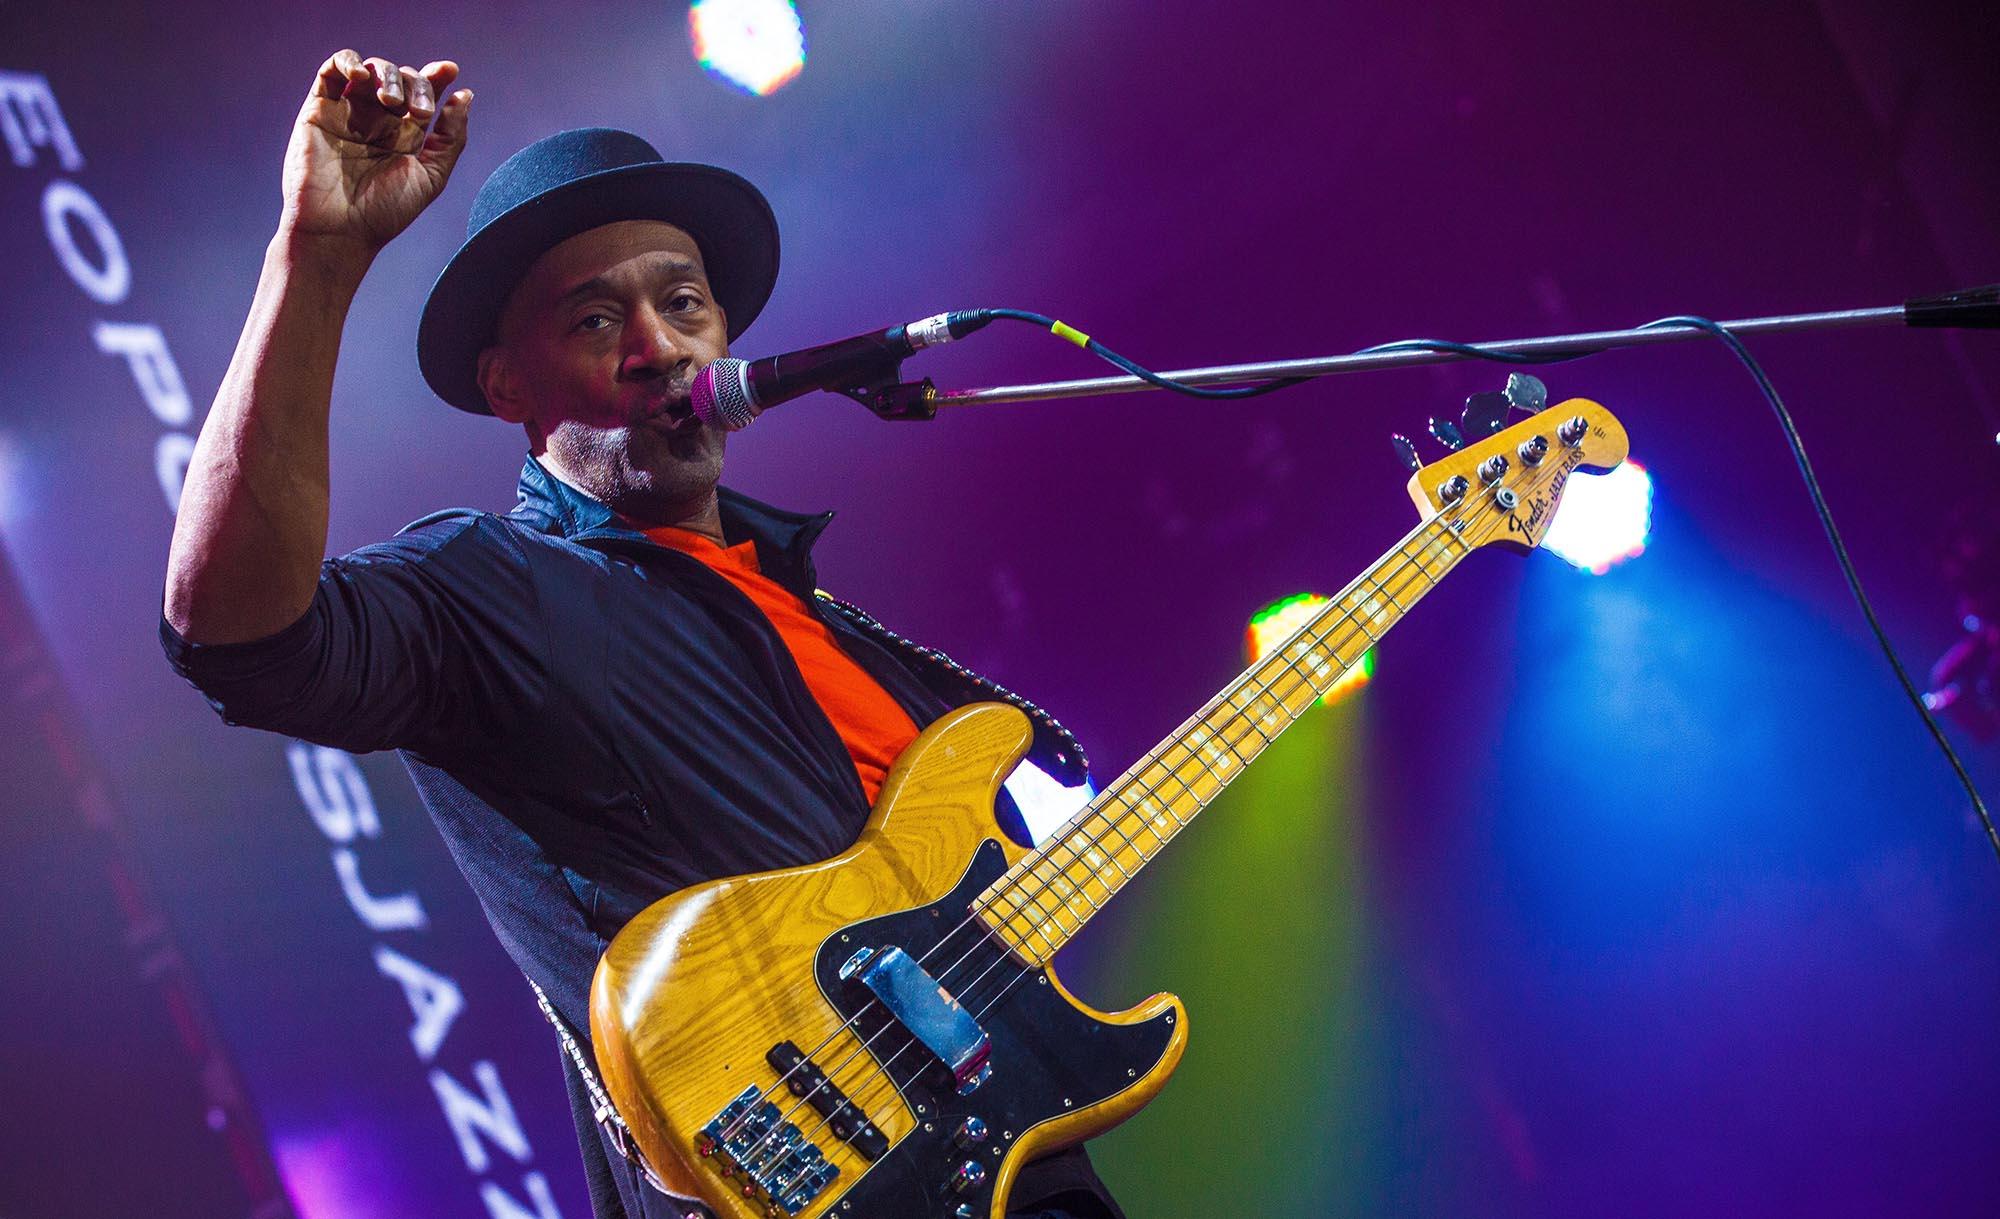 Marcus Miller fot. Andrew Olifirenko